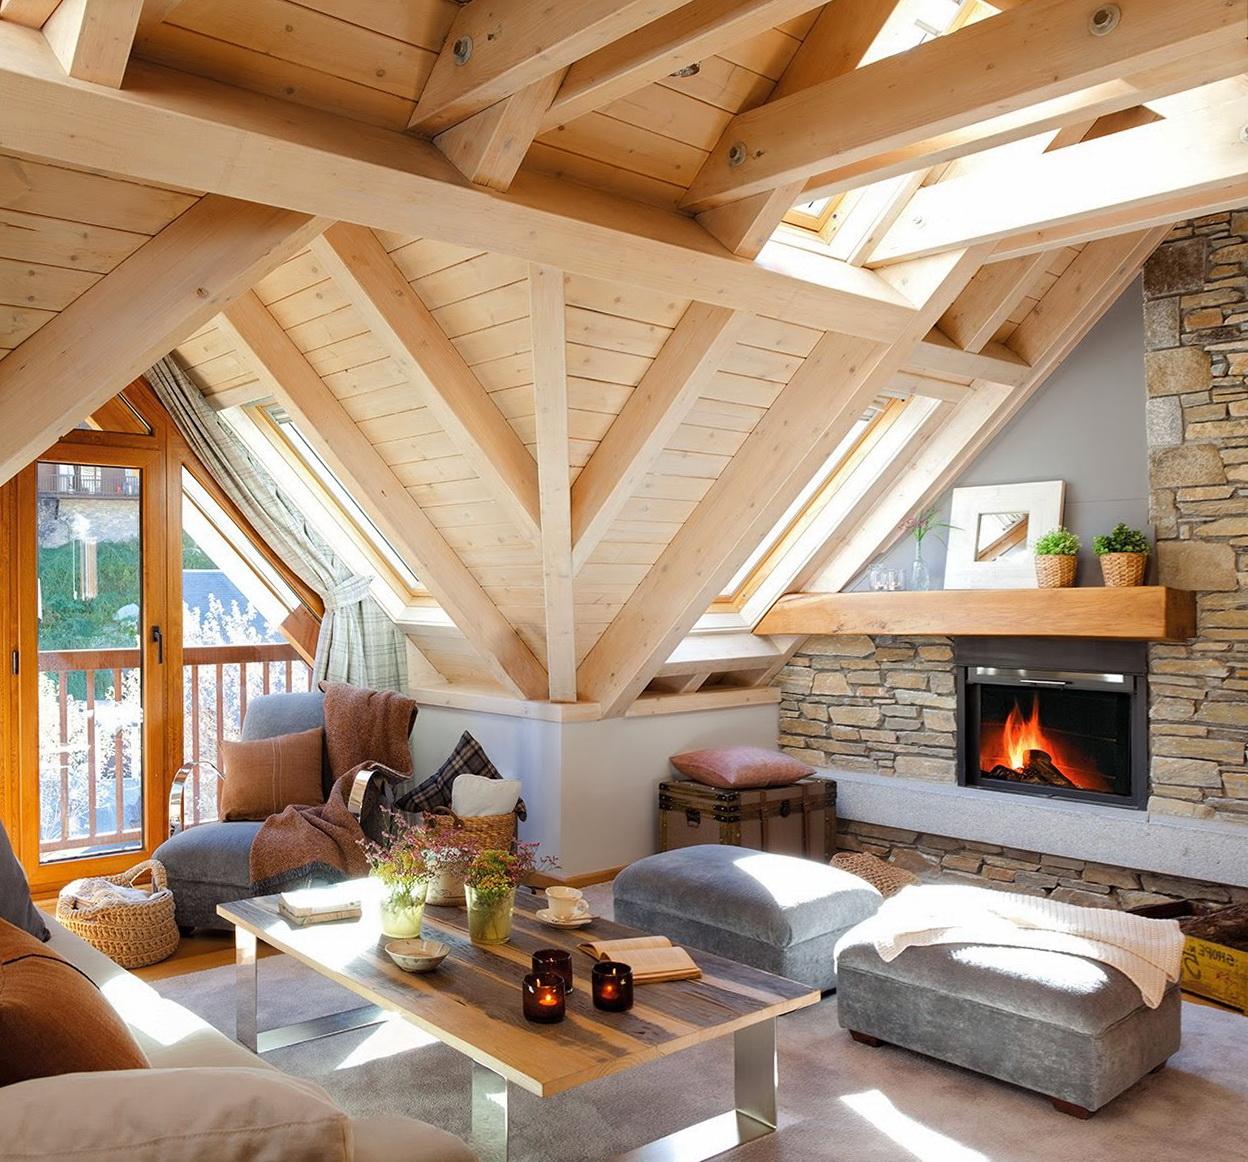 5-small fireplace